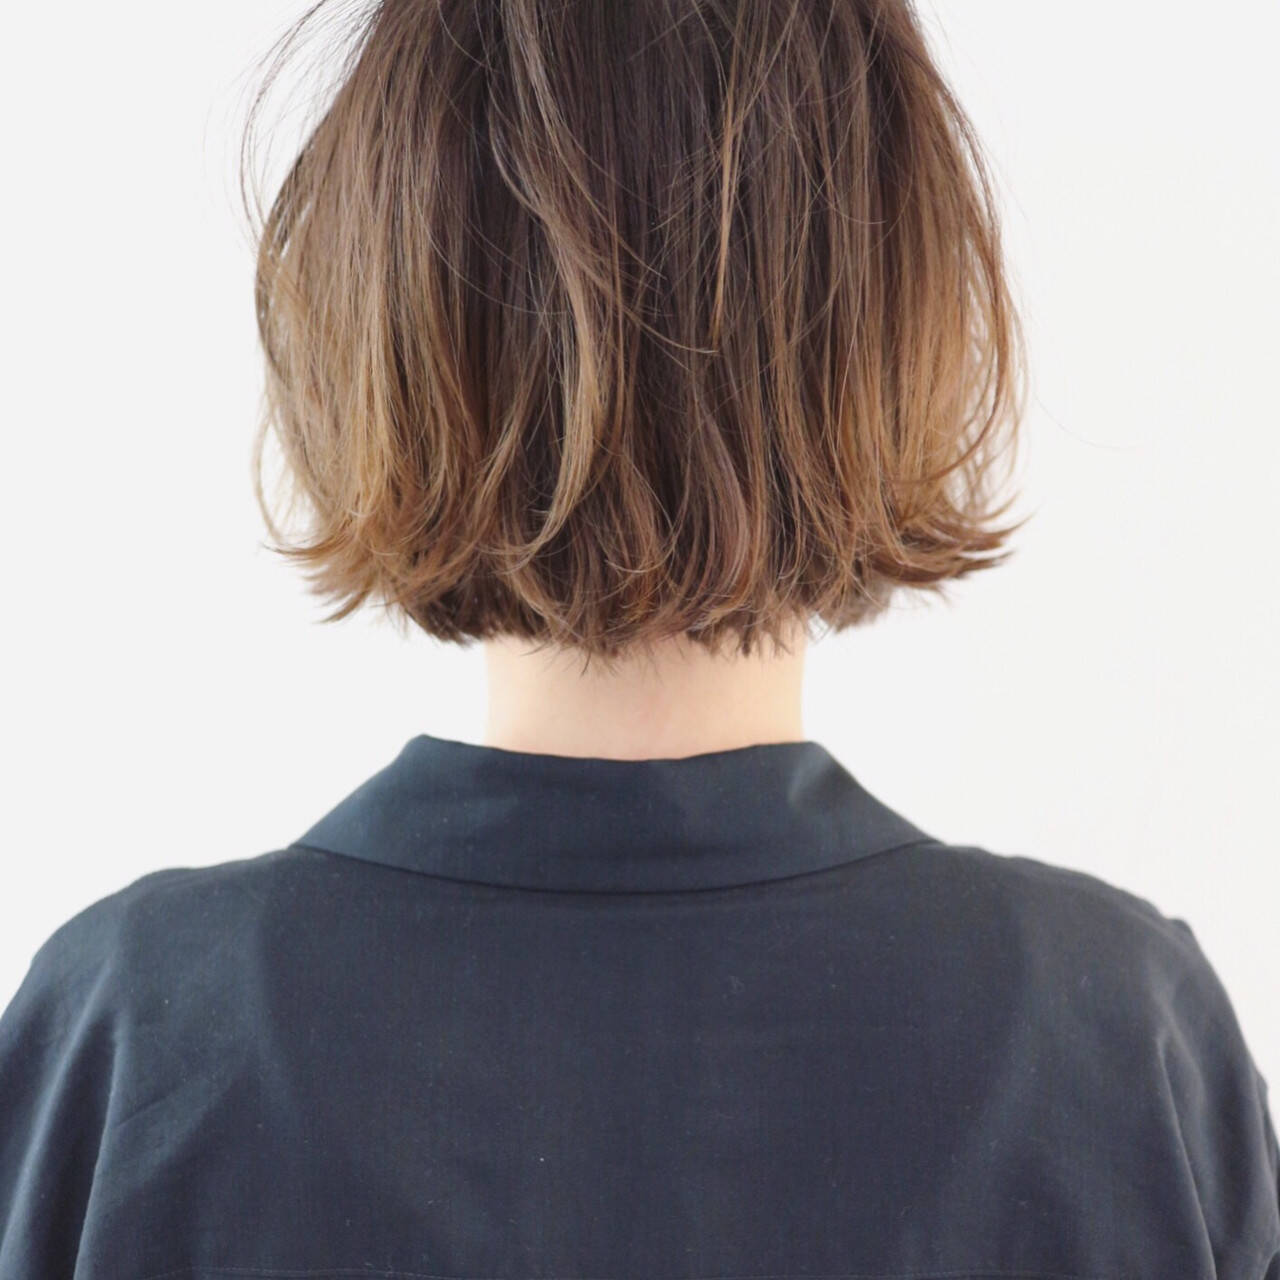 ストリート ミニボブ バレイヤージュ グラデーションカラーヘアスタイルや髪型の写真・画像